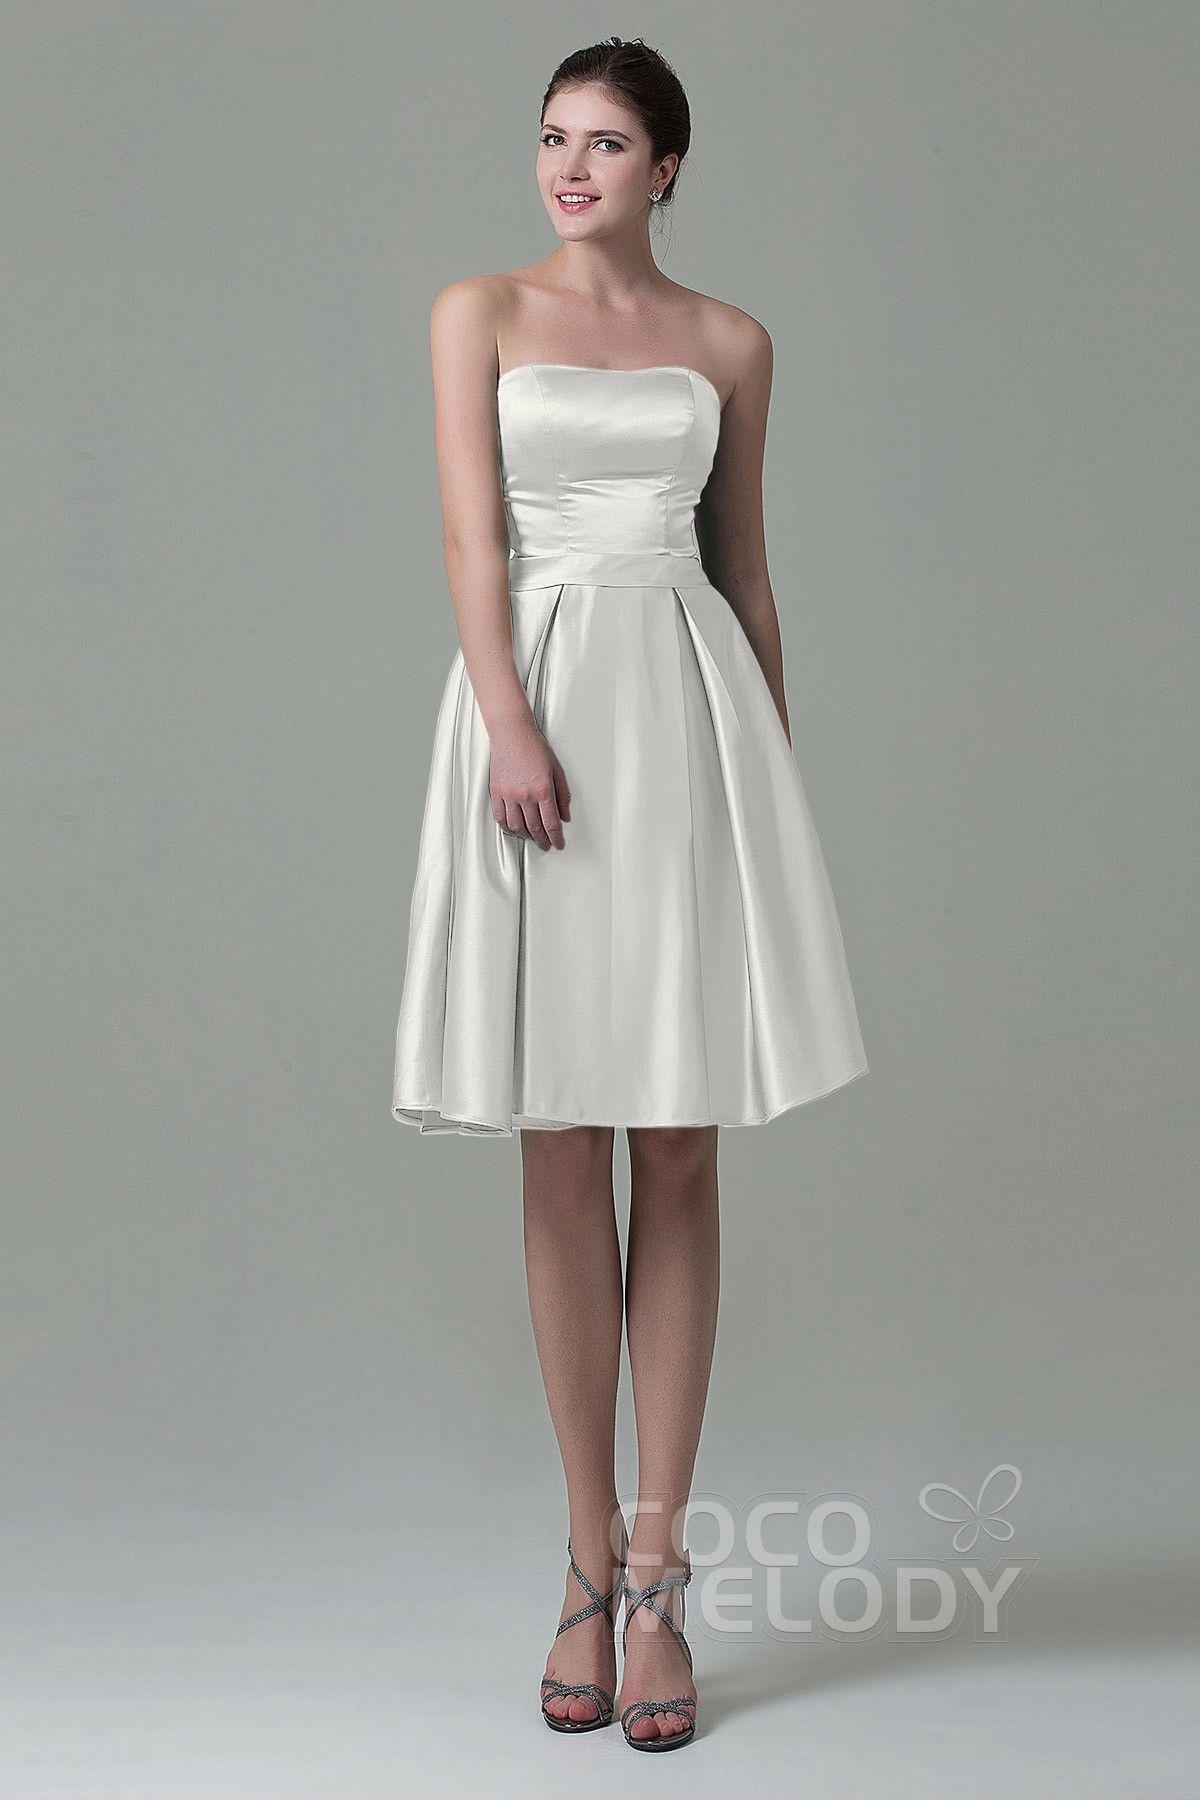 1cb40a6bec3 USD  79   A-Line Knee Length Satin Bridesmaid Dress COZK1500A in ...